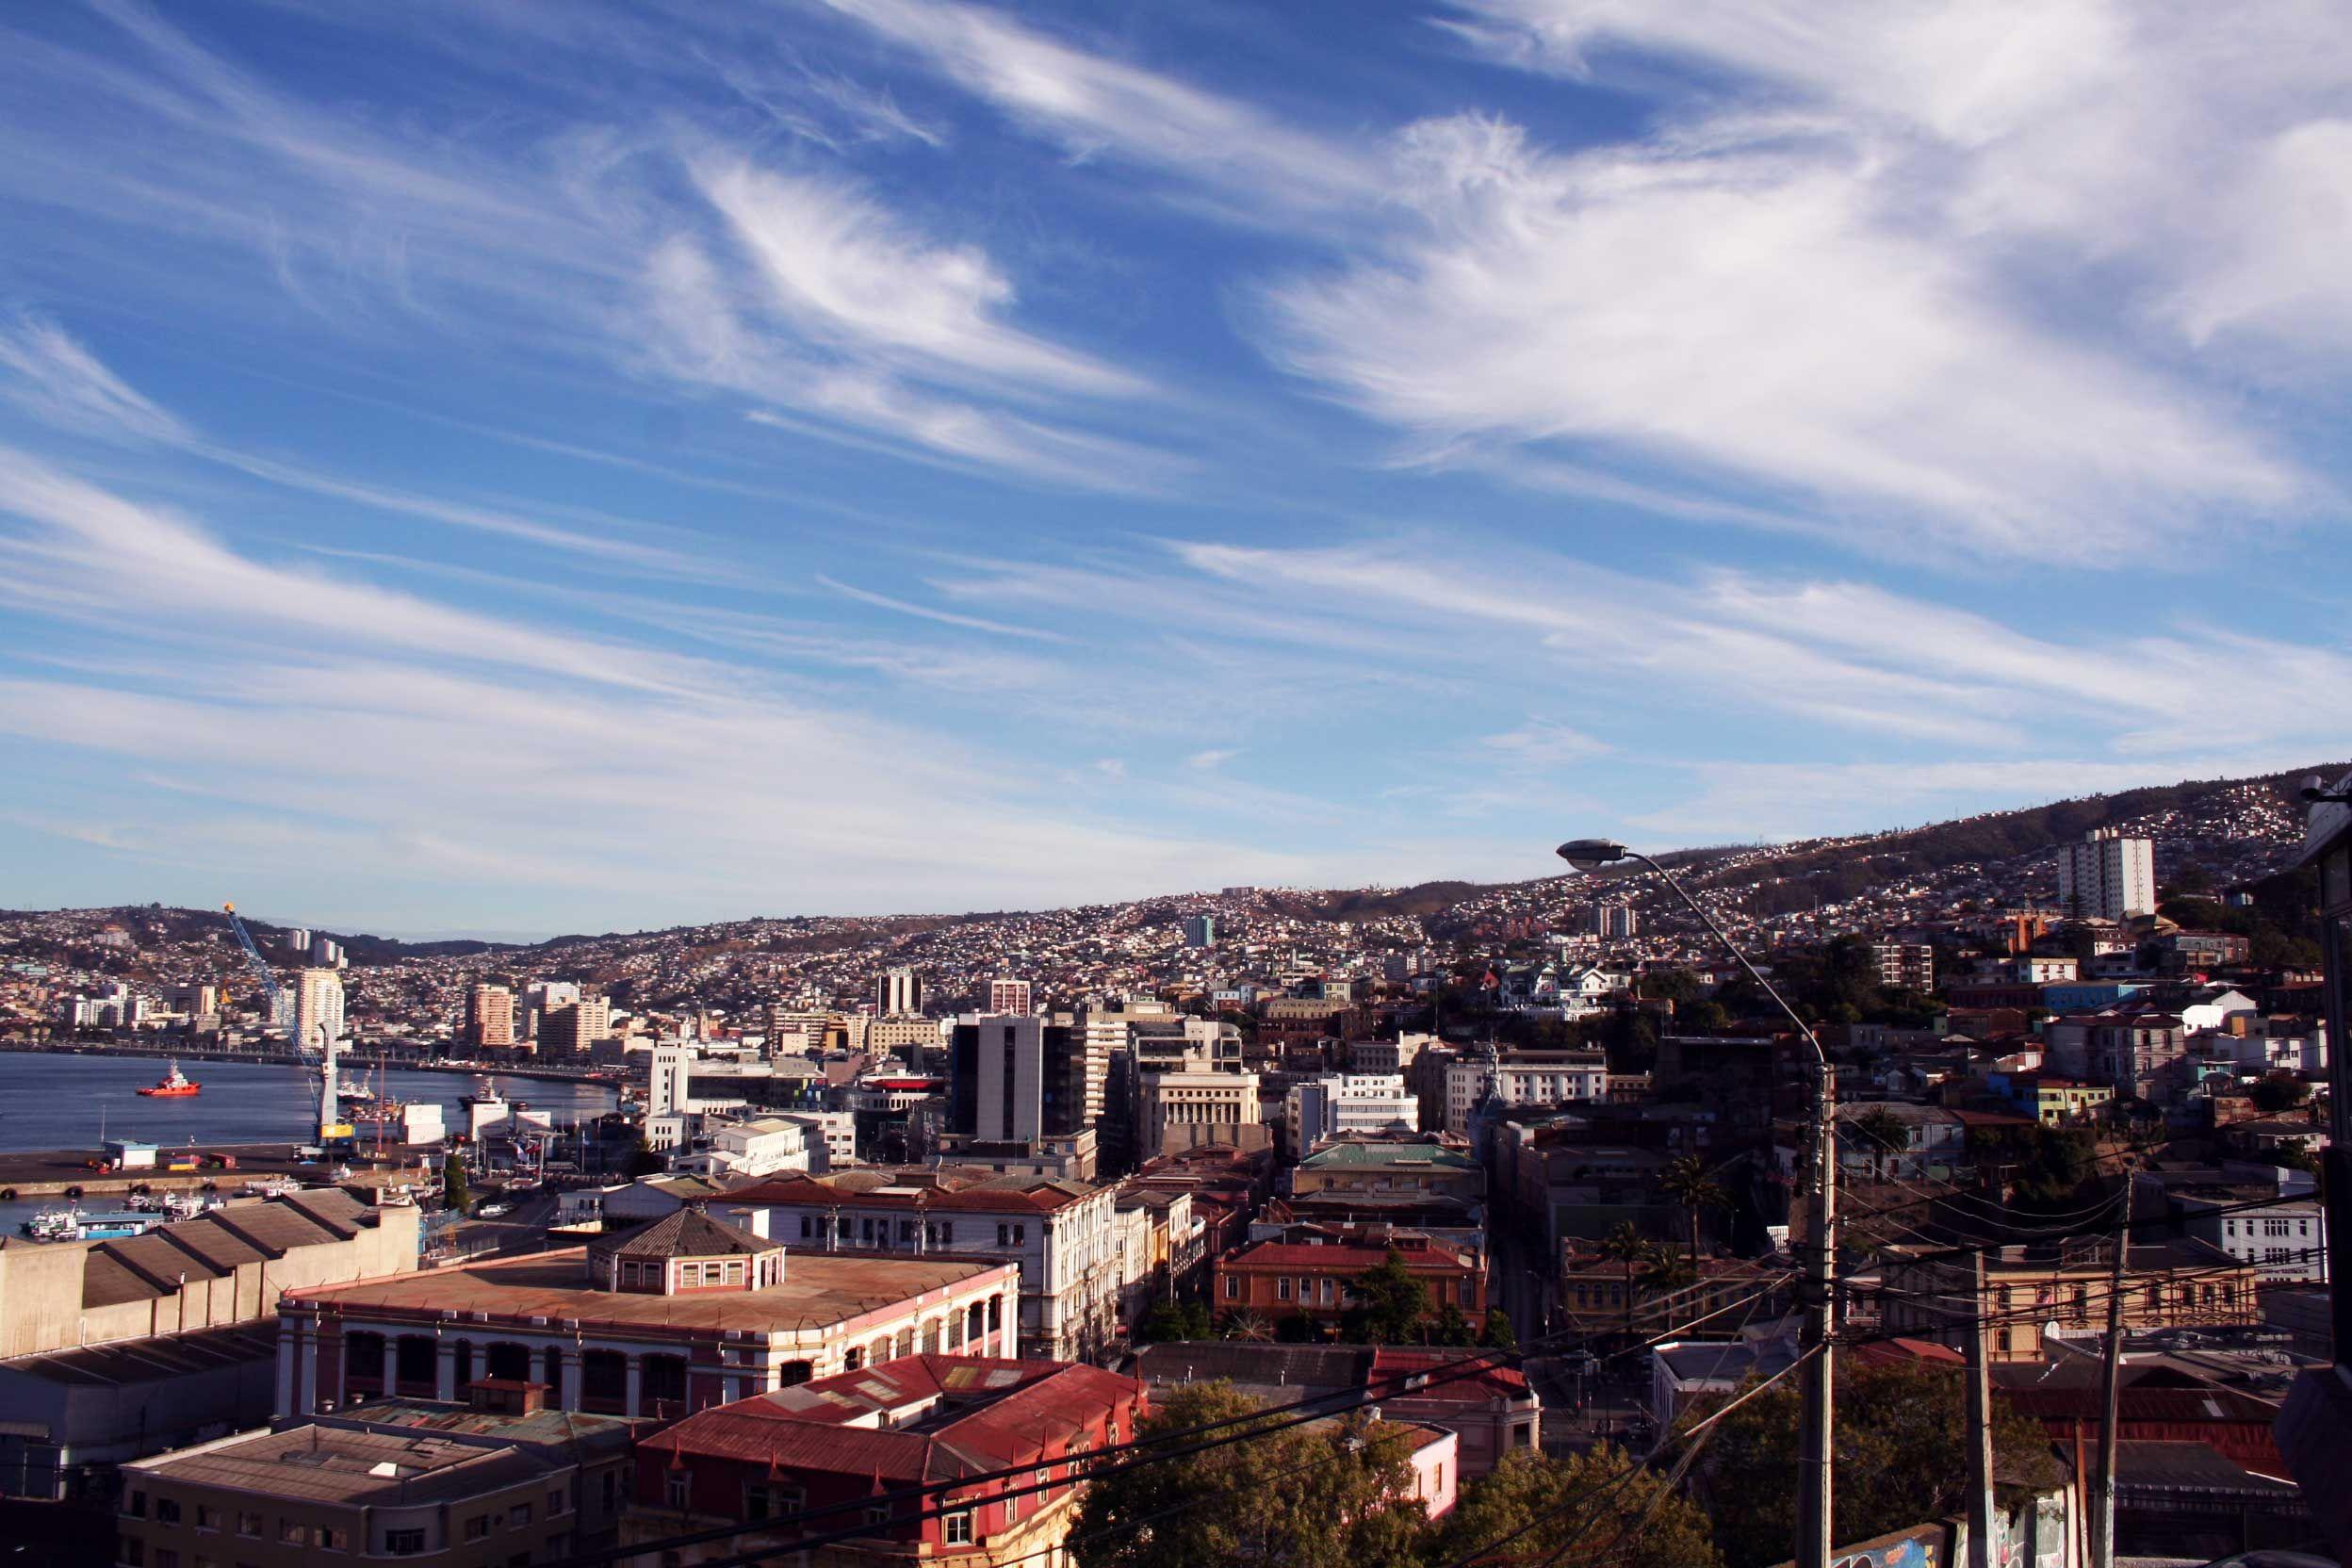 Vistas De La Bahía De Valparaiso Desde Nuestras Terraza